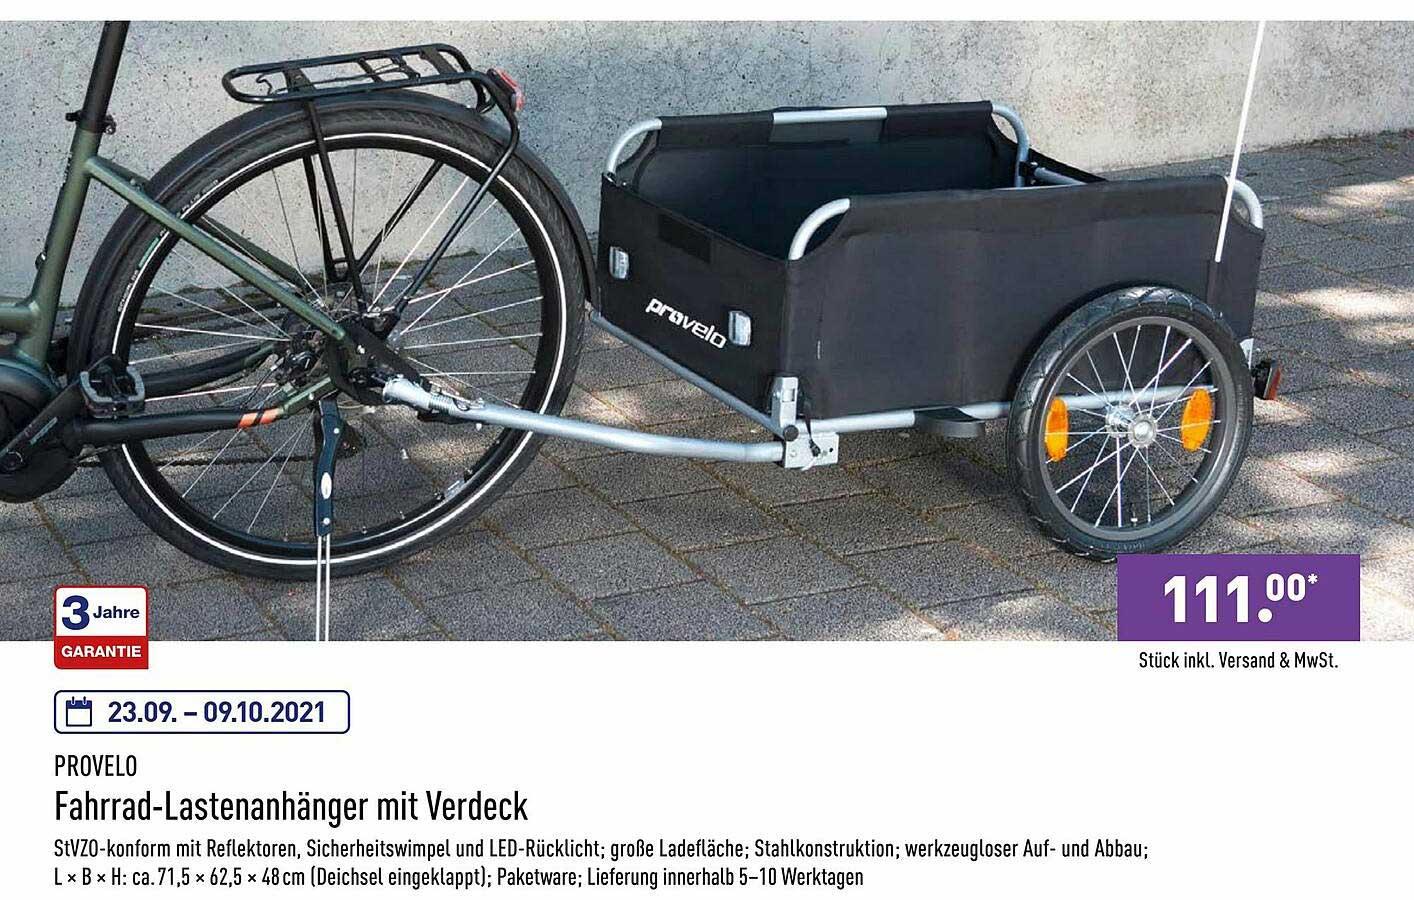 ALDI Nord Provelo Fahrrad-lastenanhänger Mit Verdeck